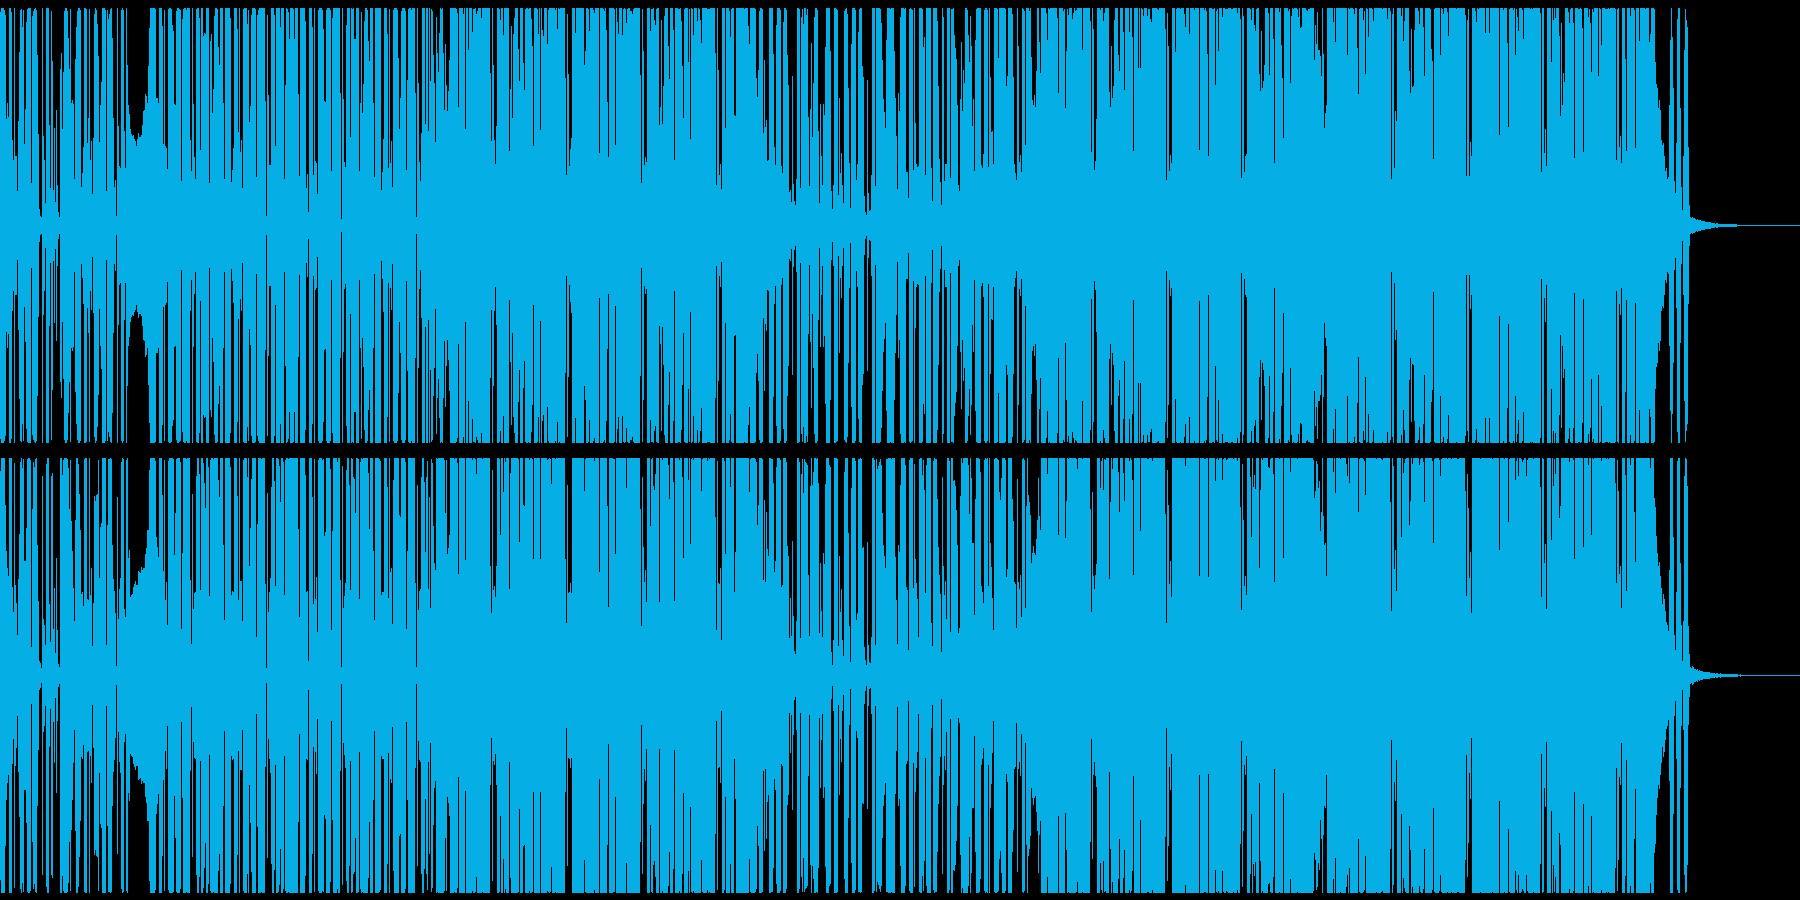 ポップでノリの良いシンセファンクEDMの再生済みの波形